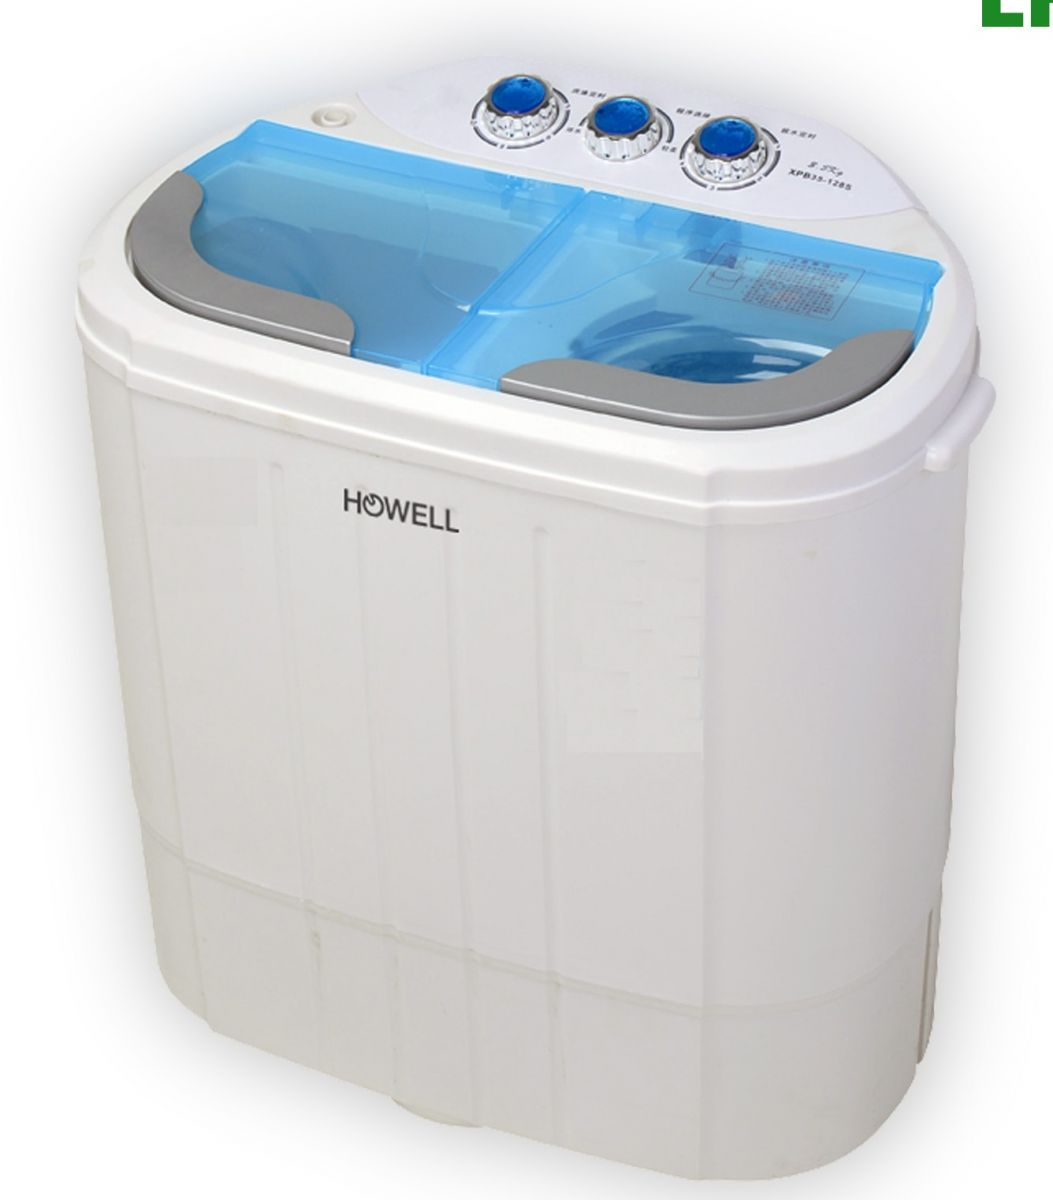 Mini lavatrice 3 5 kg con centrifuga camper barca howell for Lavatrice 3 kg